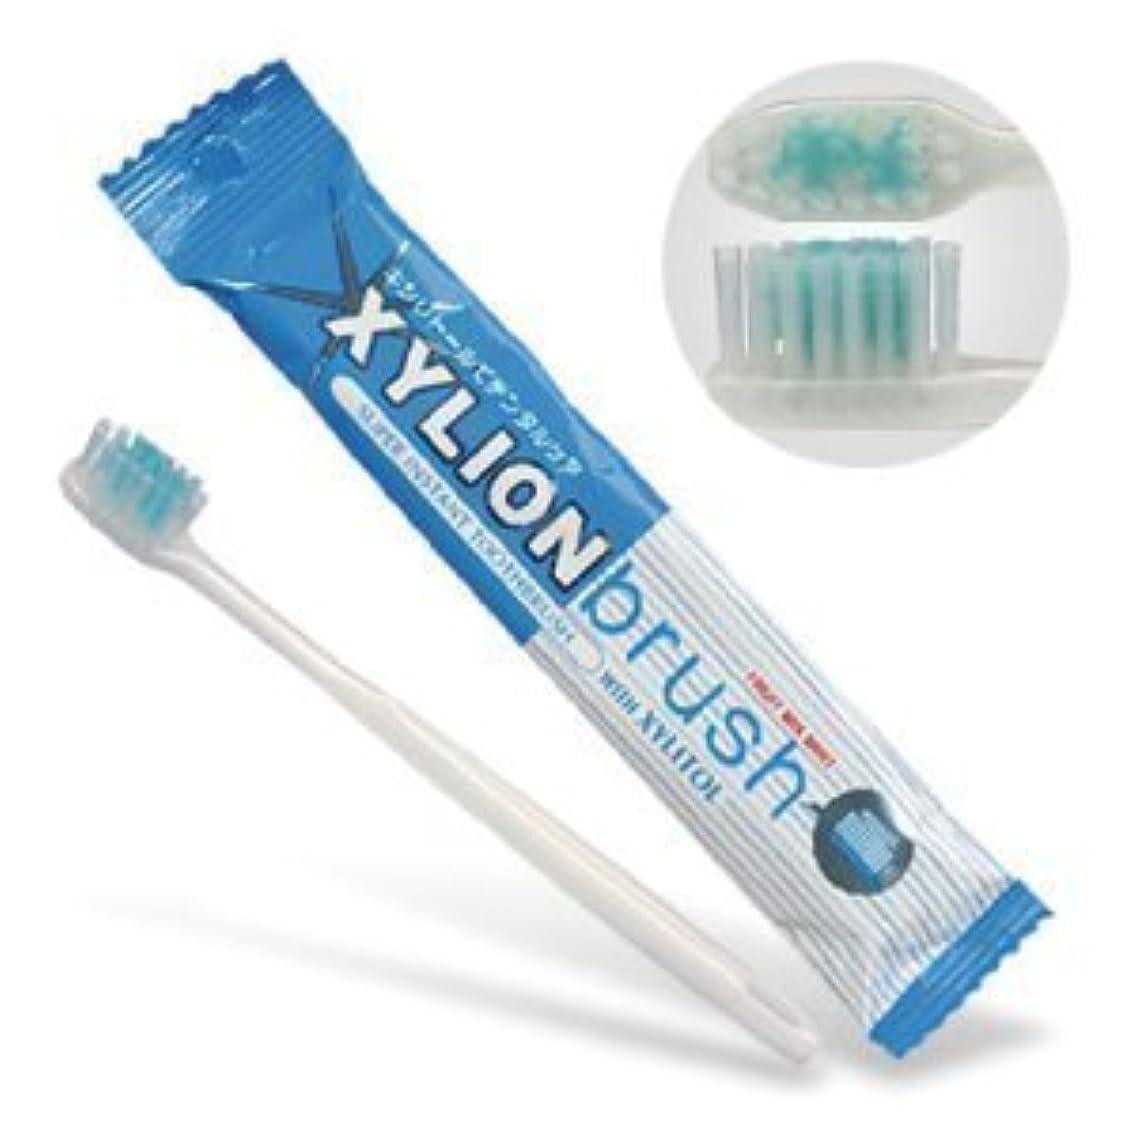 コンペ緊張気分が良いキシリオンブラシ (XYLION brush) 50本